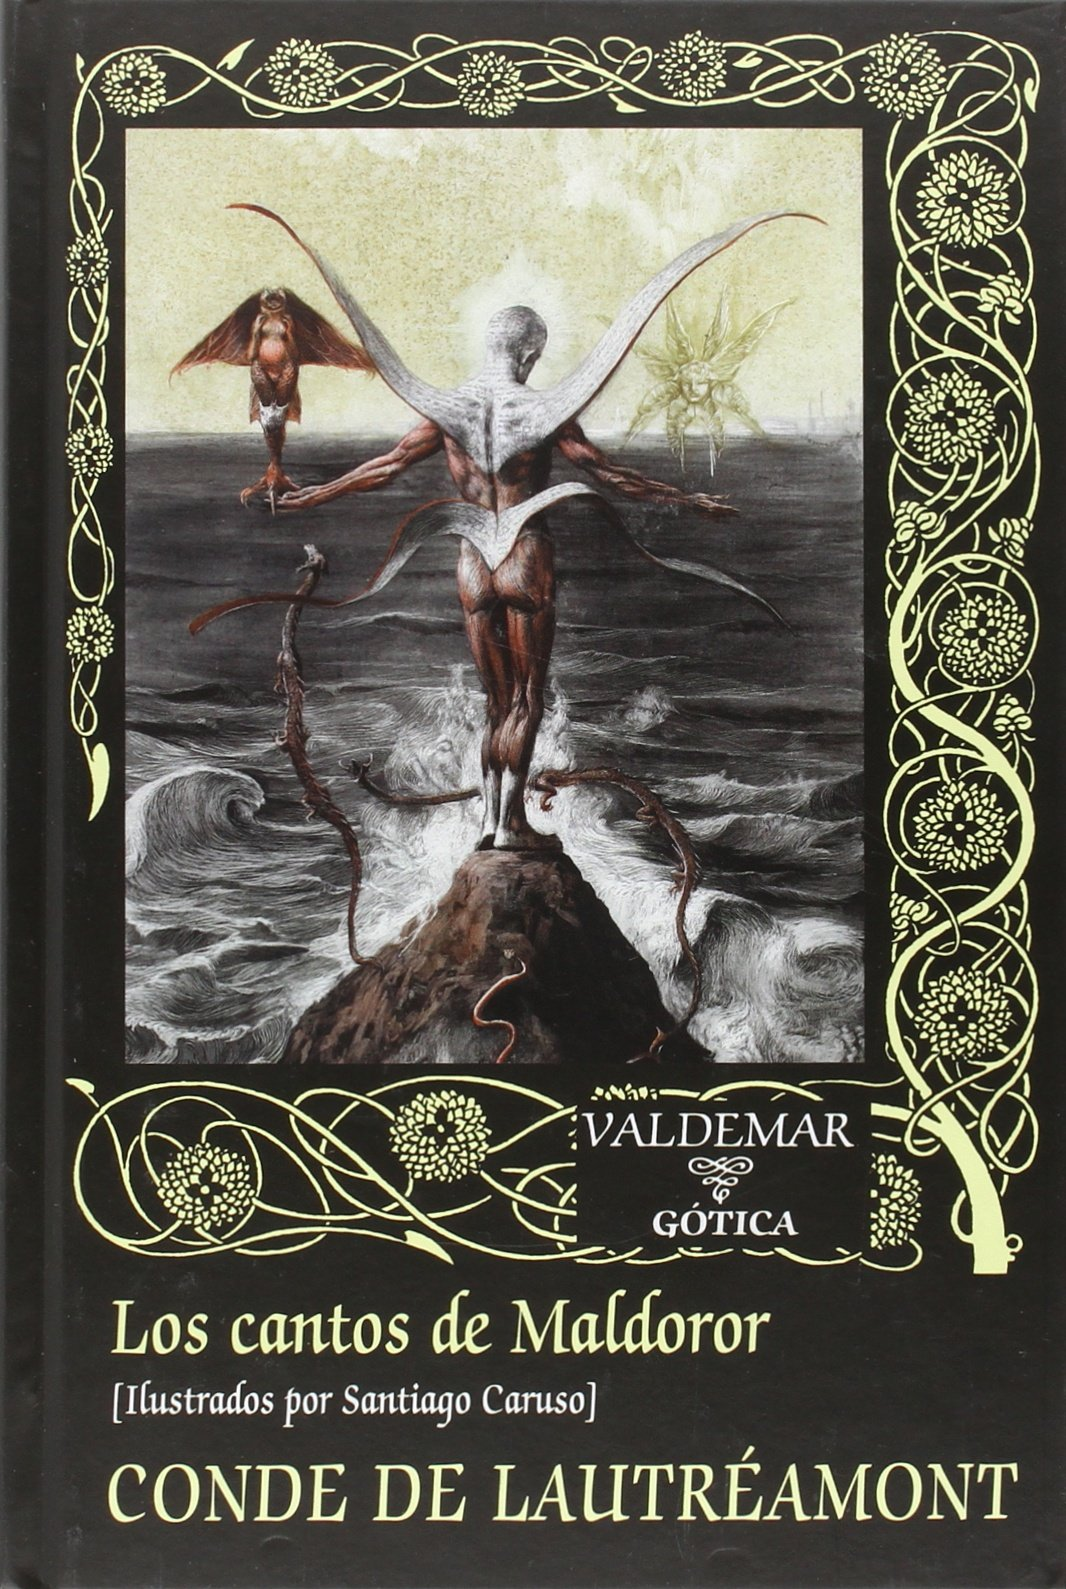 Los Cantos De Maldoror (Gótica): Amazon.es: SEUDONIMO, Santiago Caruso, Mauro Fernández Alonso de Armiño: Libros